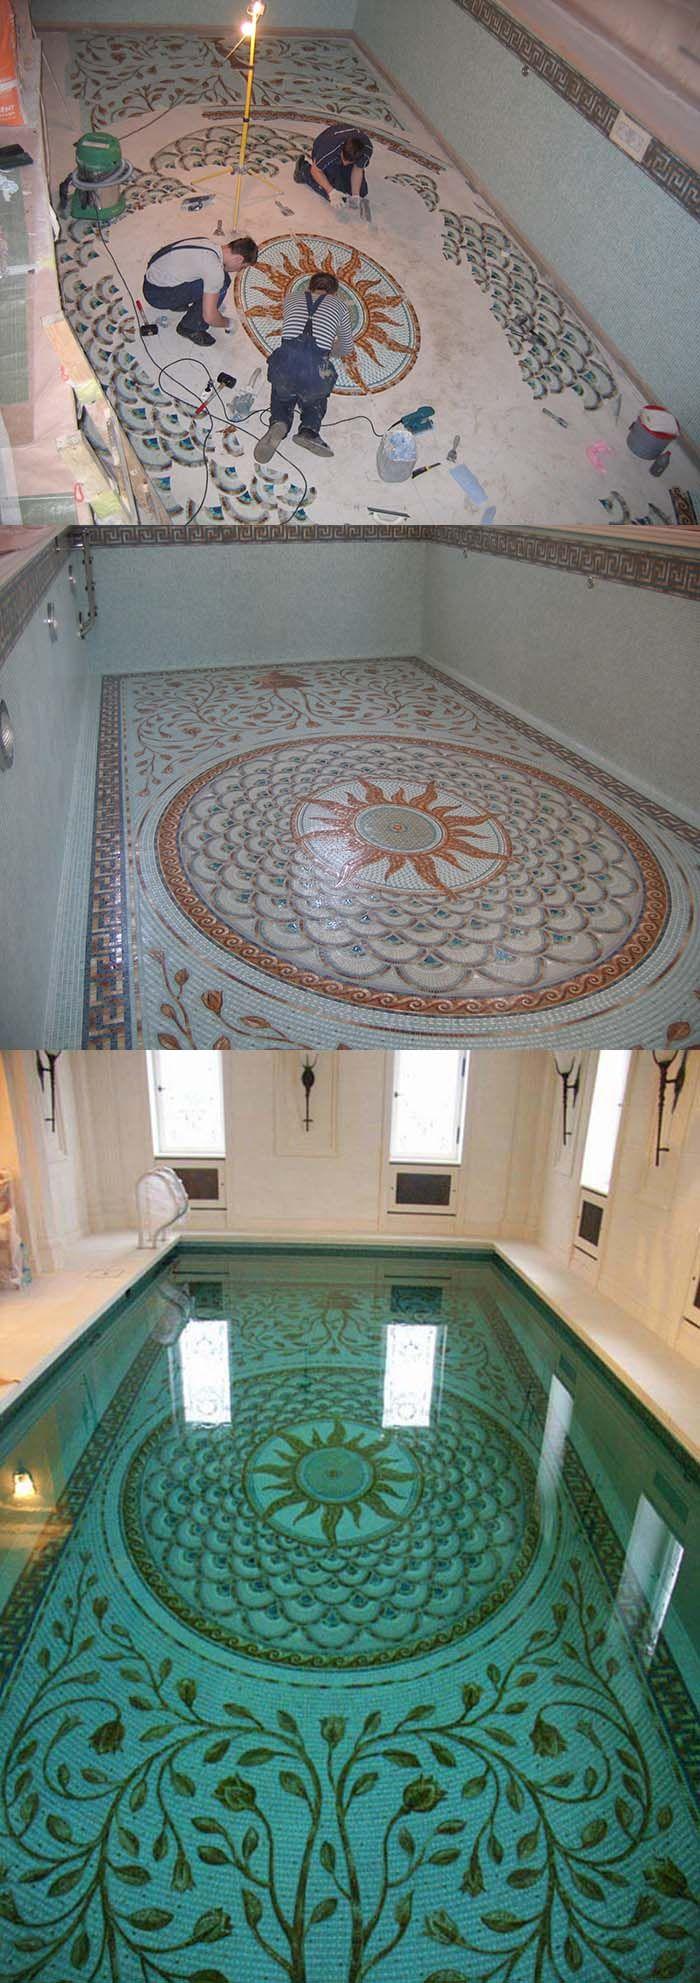 Скиммерный бассейн в загородном доме декорированный мозаикой с римскими мотивами.Поставка мозаичного декора-студия Артмонумент.СПб